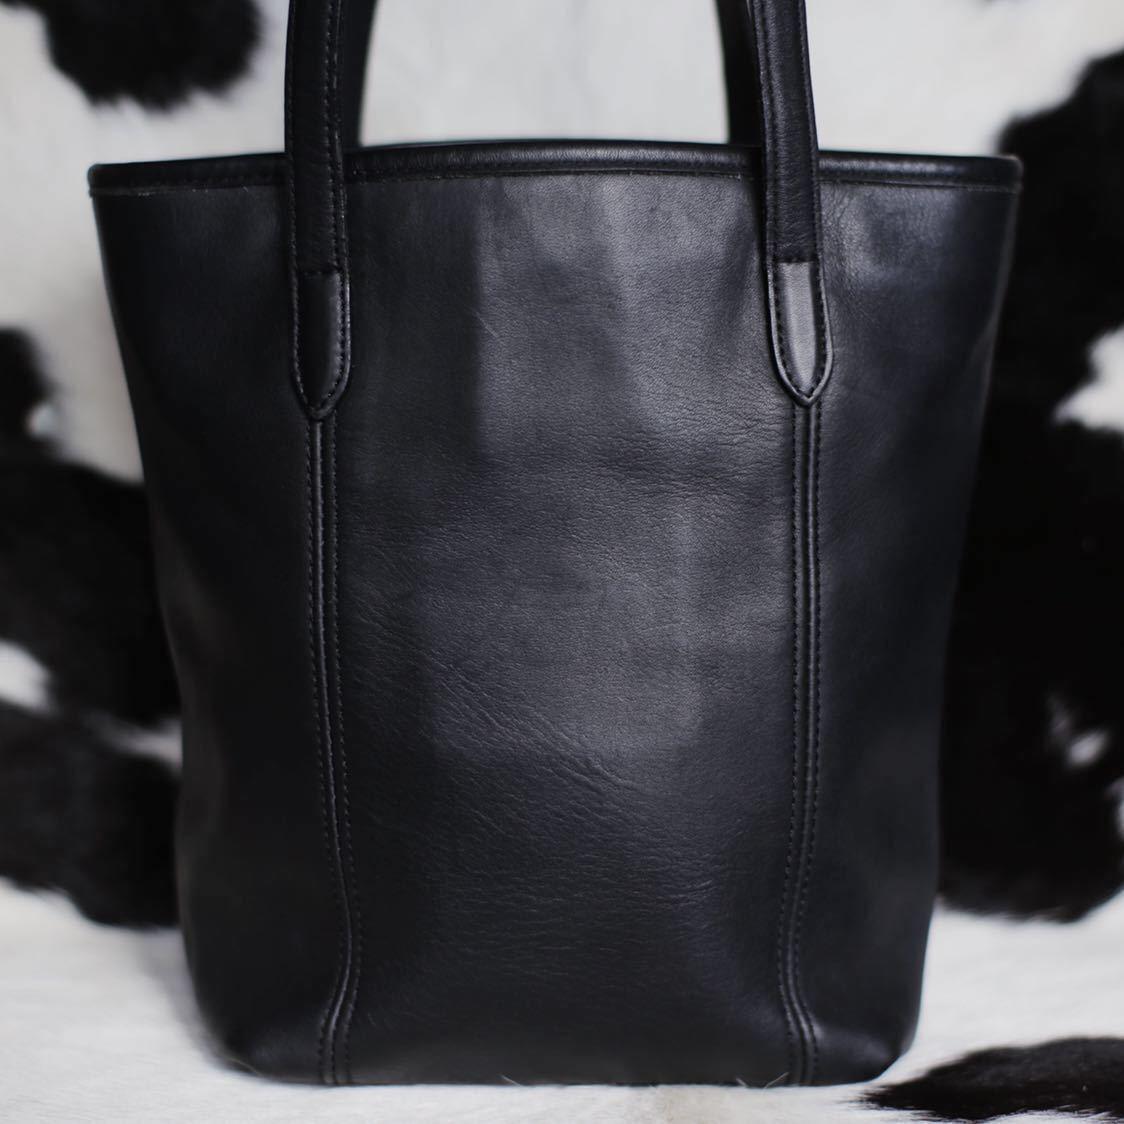 極美品 美品 コーチ COACH トートバッグ バッグ ビジネスバッグ 黒 ブラック レザー メンズバッグ 革 15万 オールドコーチ ビンテージ B5_画像2